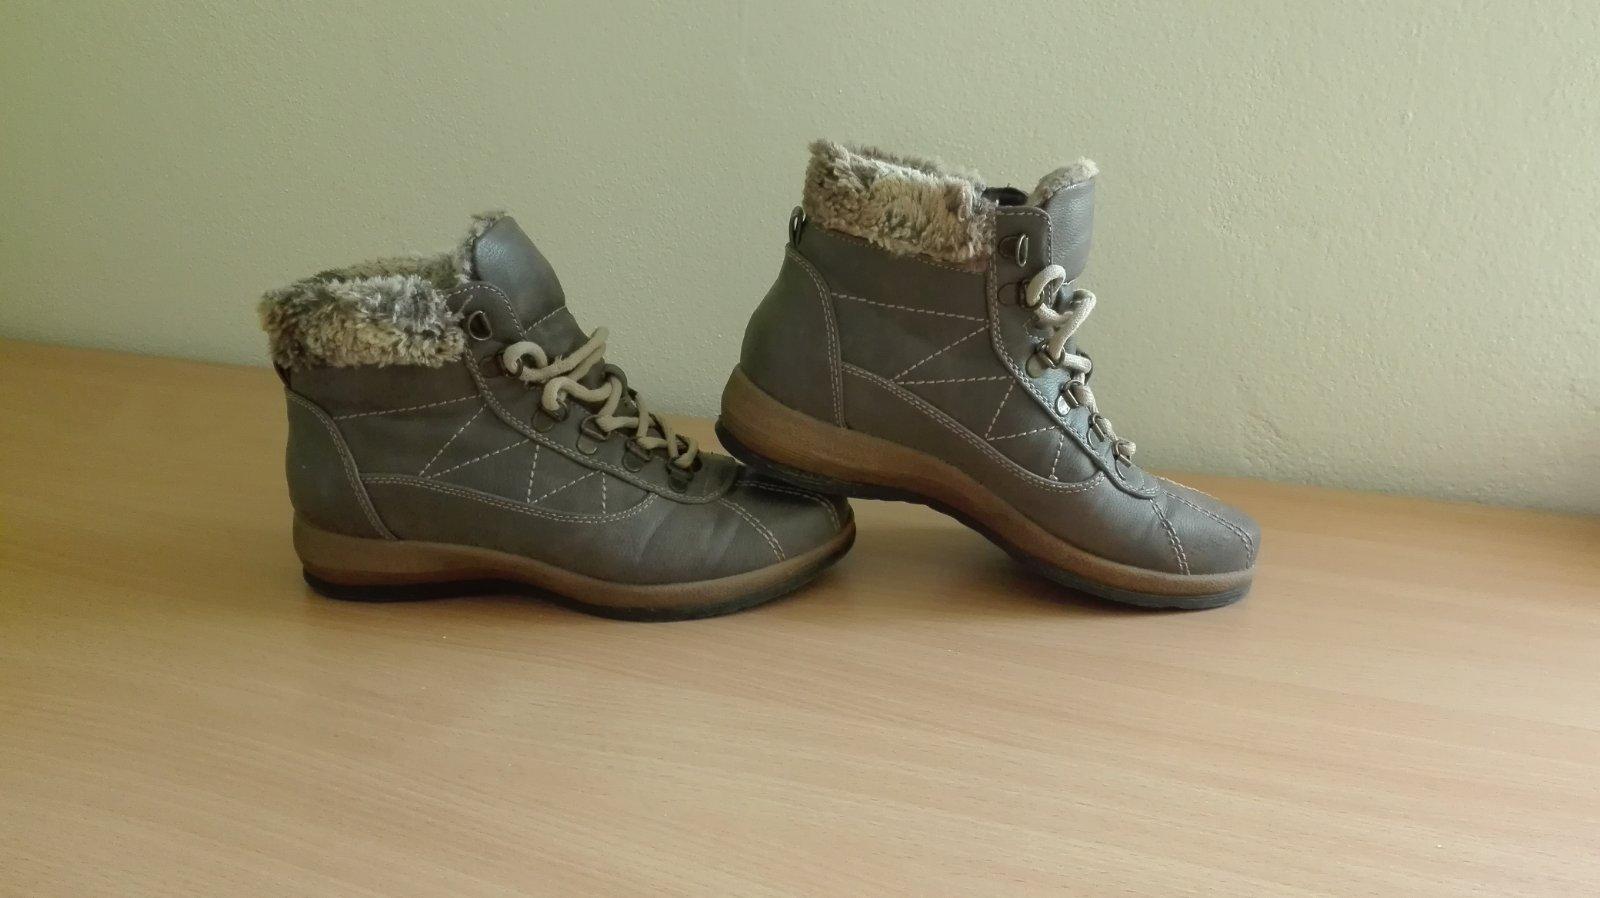 0ec8c77f9 Dámske topánky, deichmann,38 - 7 € od predávajúcej janka4285   Detský bazár    ModryKonik.sk